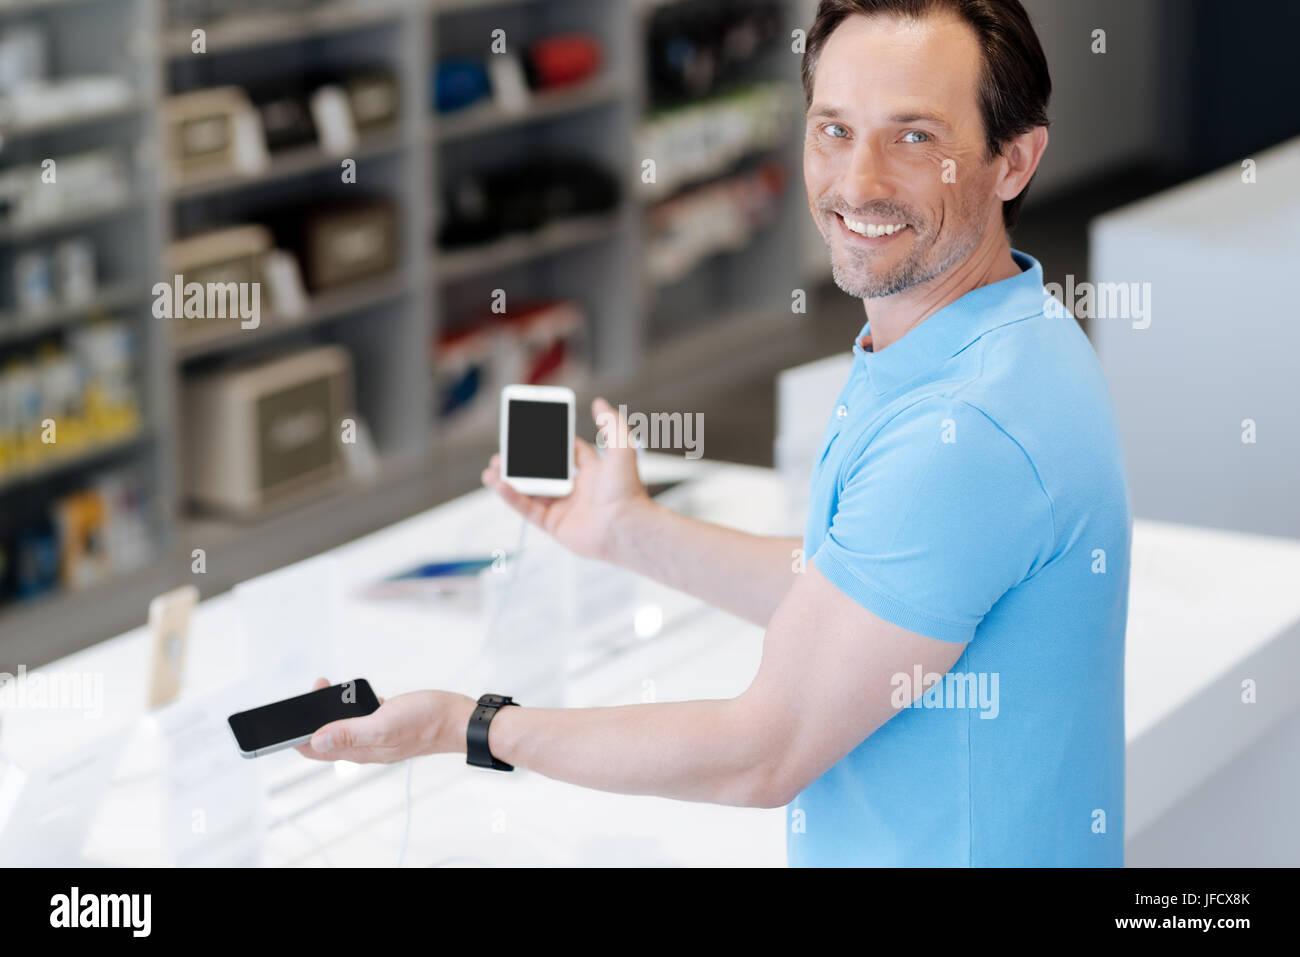 Non sapete quale scegliere. Uomo radiante grinning ampiamente durante l'acquisto di un nuovo telefono e la scelta Immagini Stock